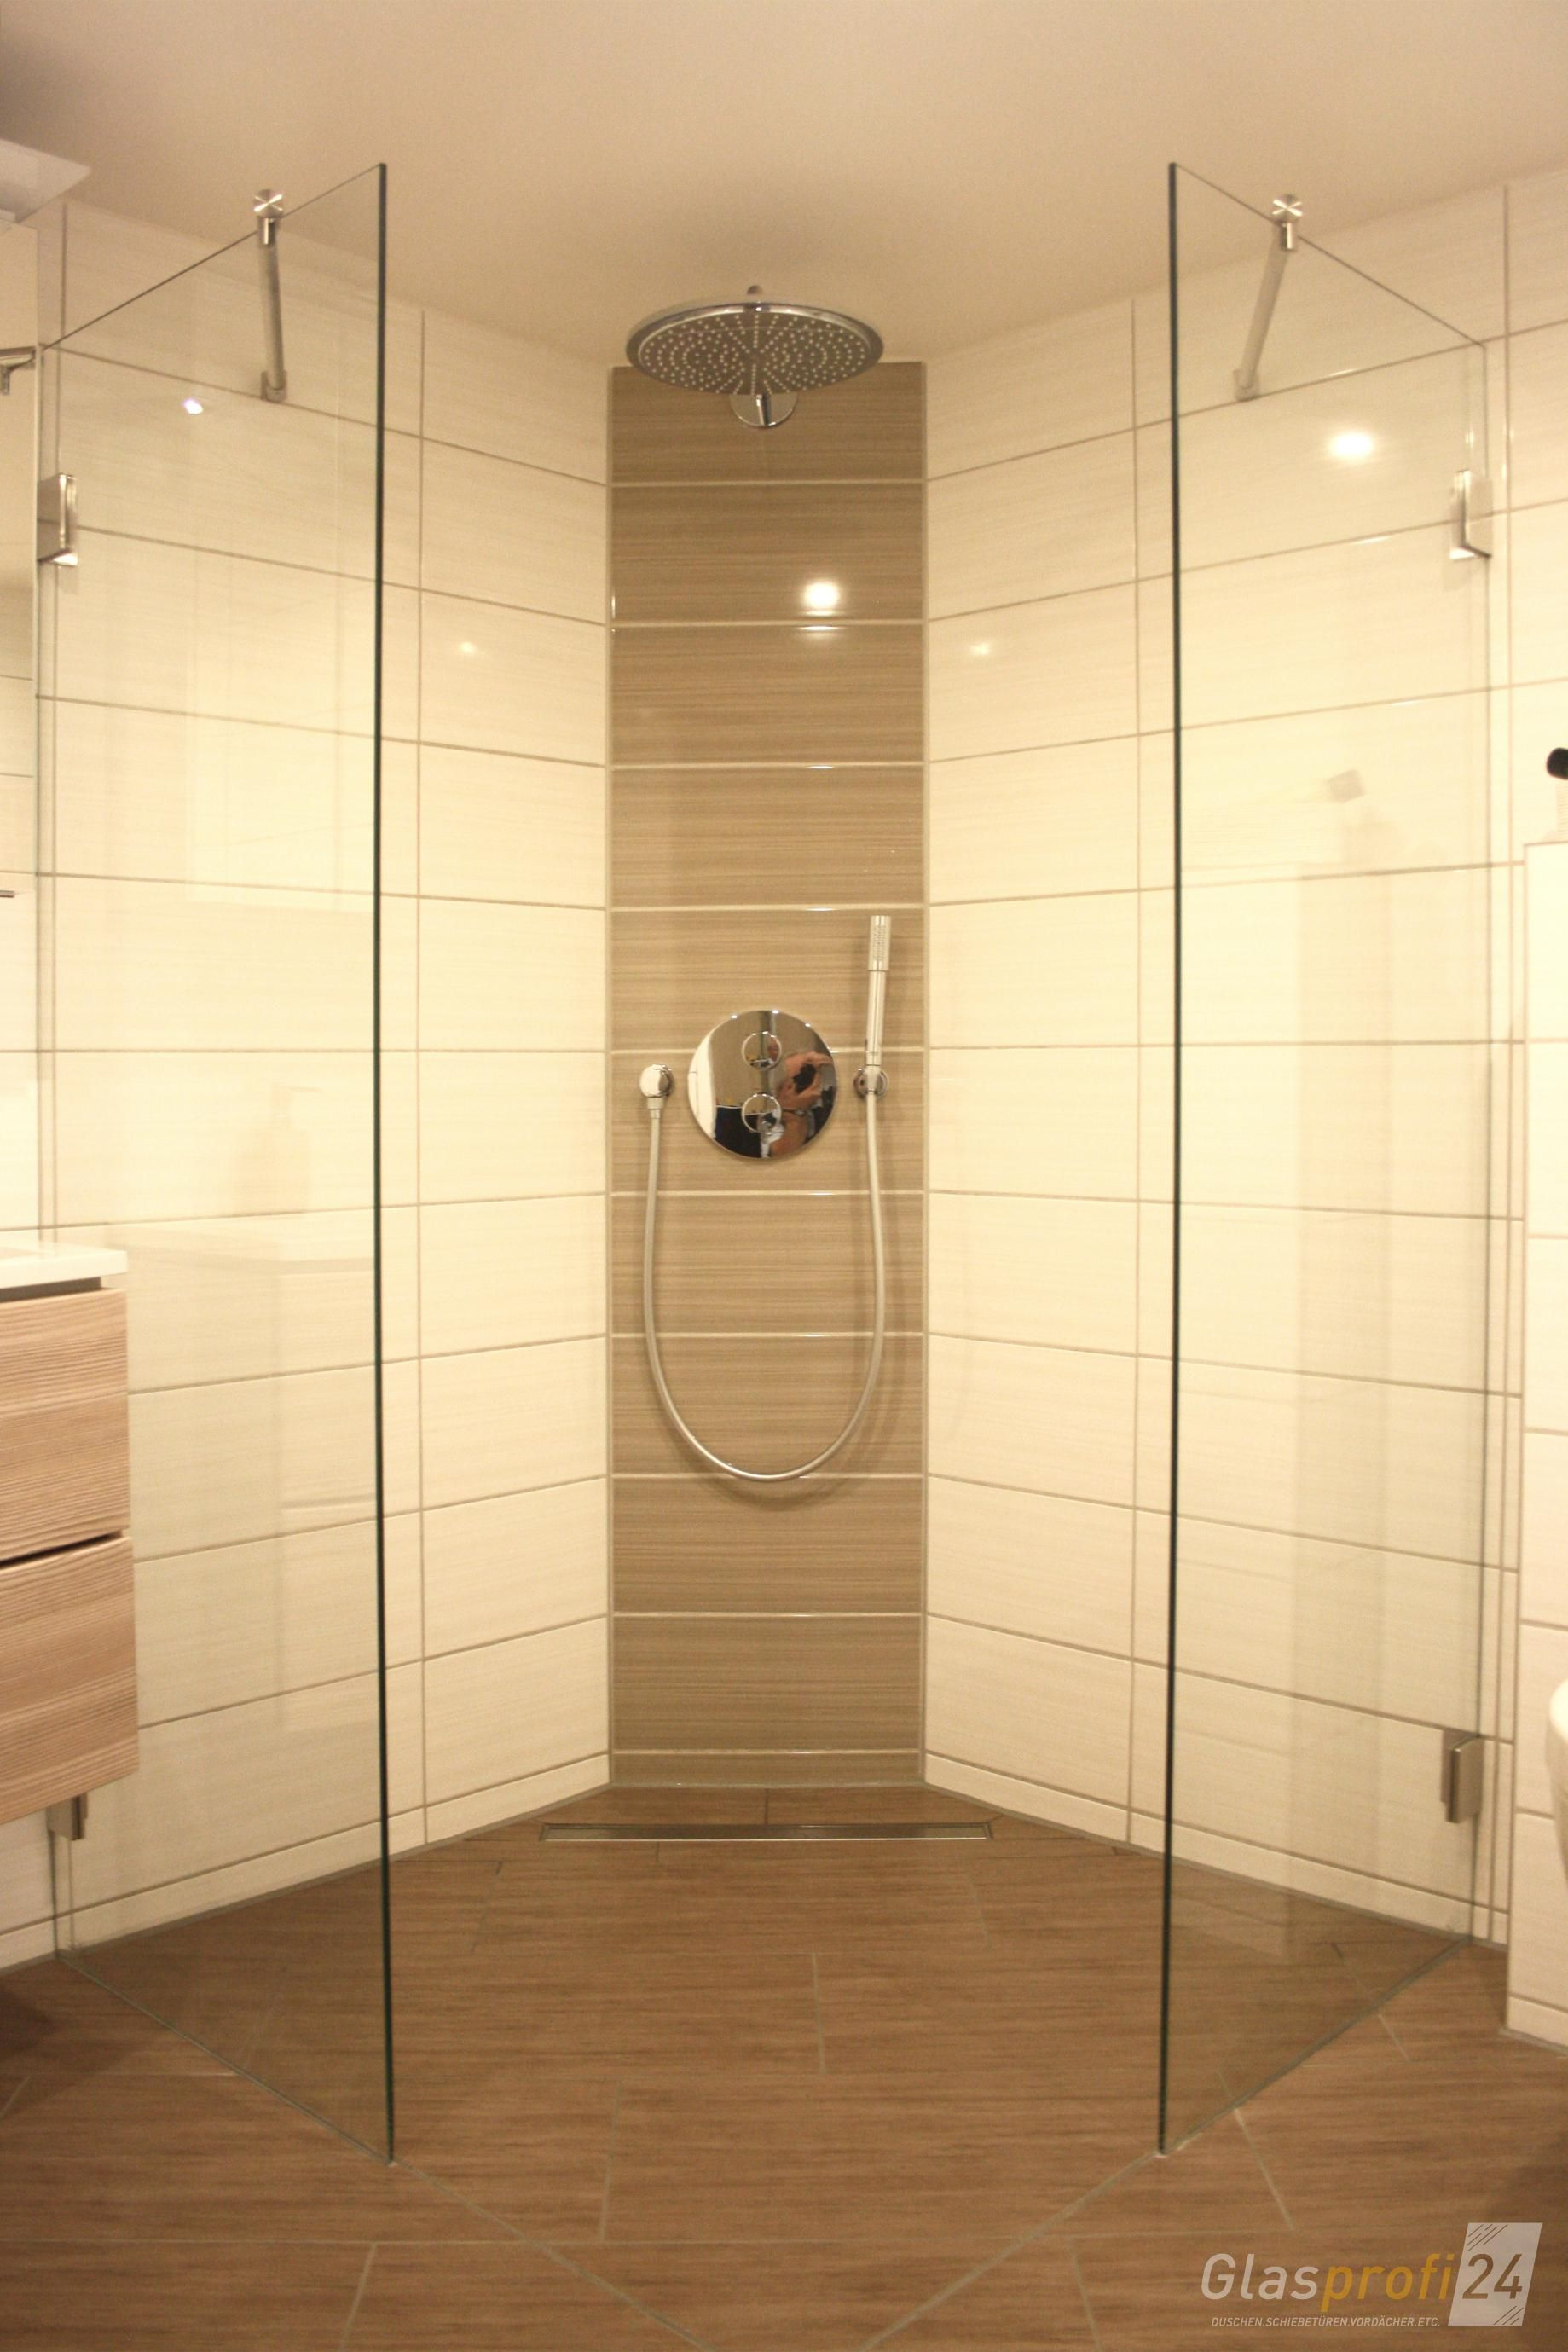 Turlose Walk In Dusche Aus Glas Mit Beschlagen Aus Edelstahl Hier Ihre Neue Walk In Duschabtrennung Online Konfigurieren Und Walk In Dusche Eckduschen Dusche